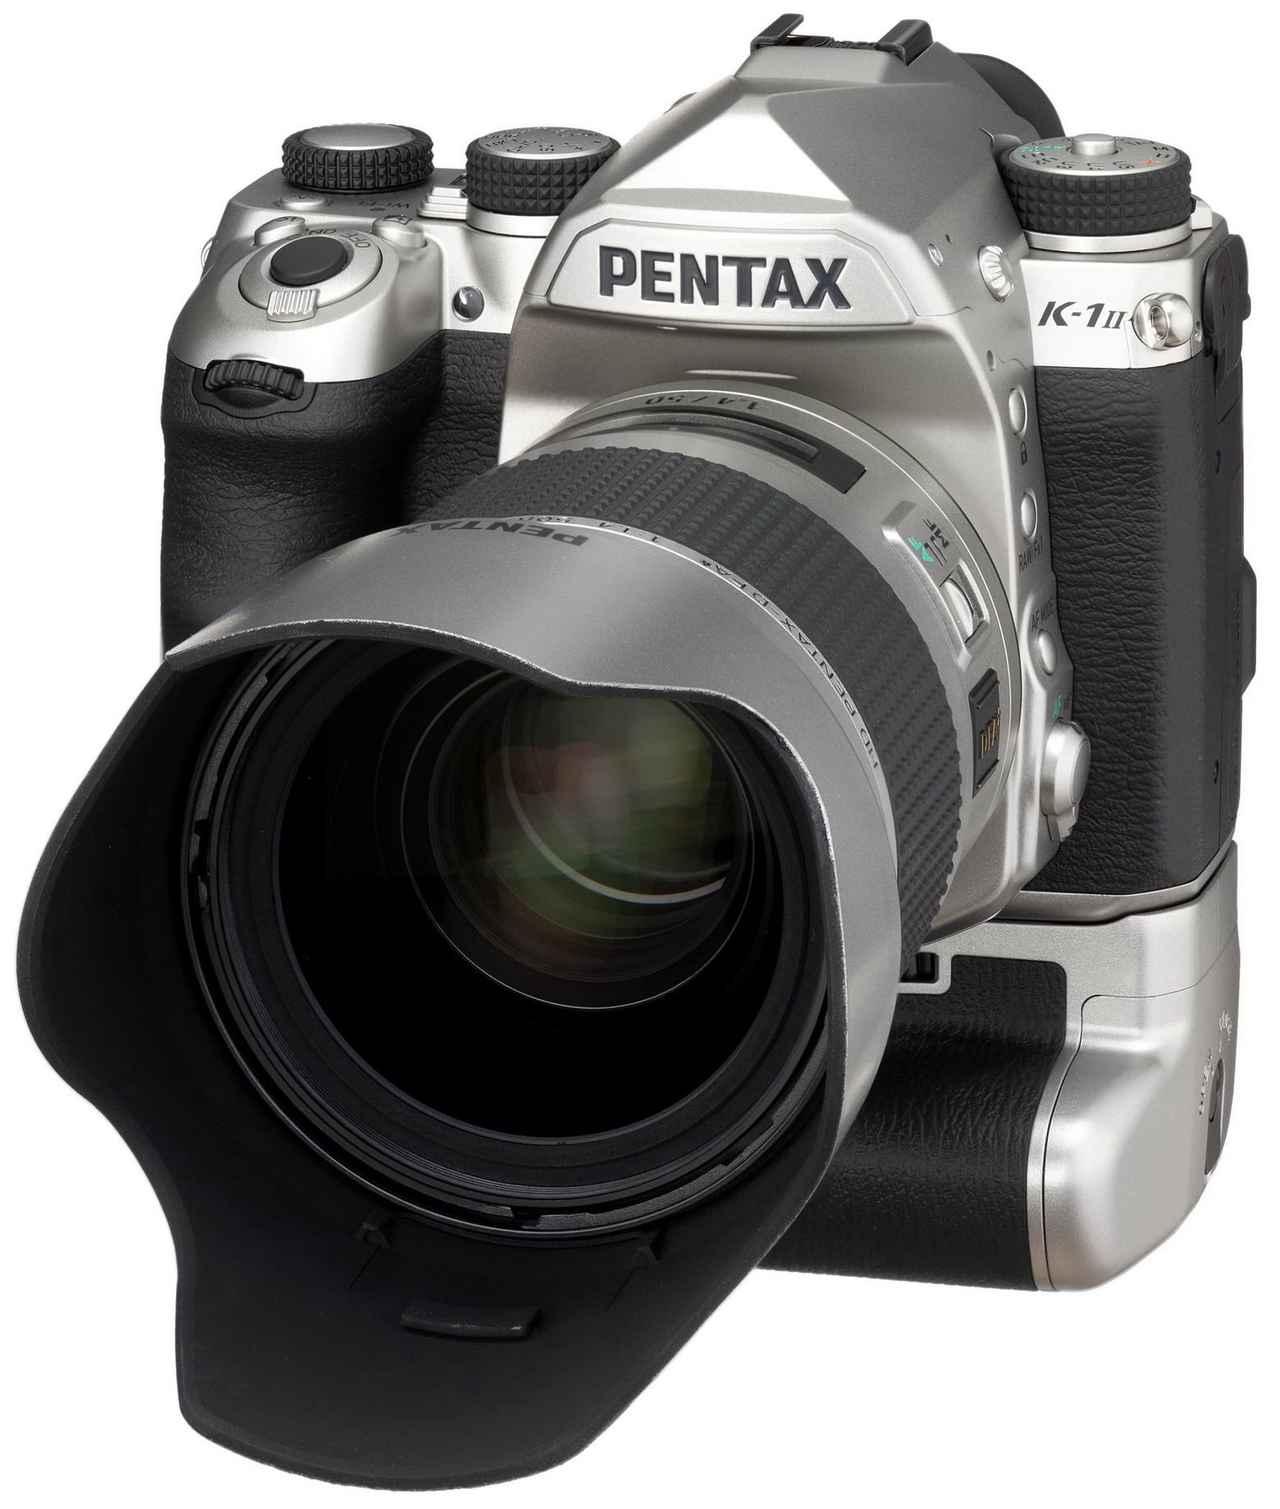 画像: こだわりのシルバー限定モデル PENTAX K-1 Mark II Silver Edition発売